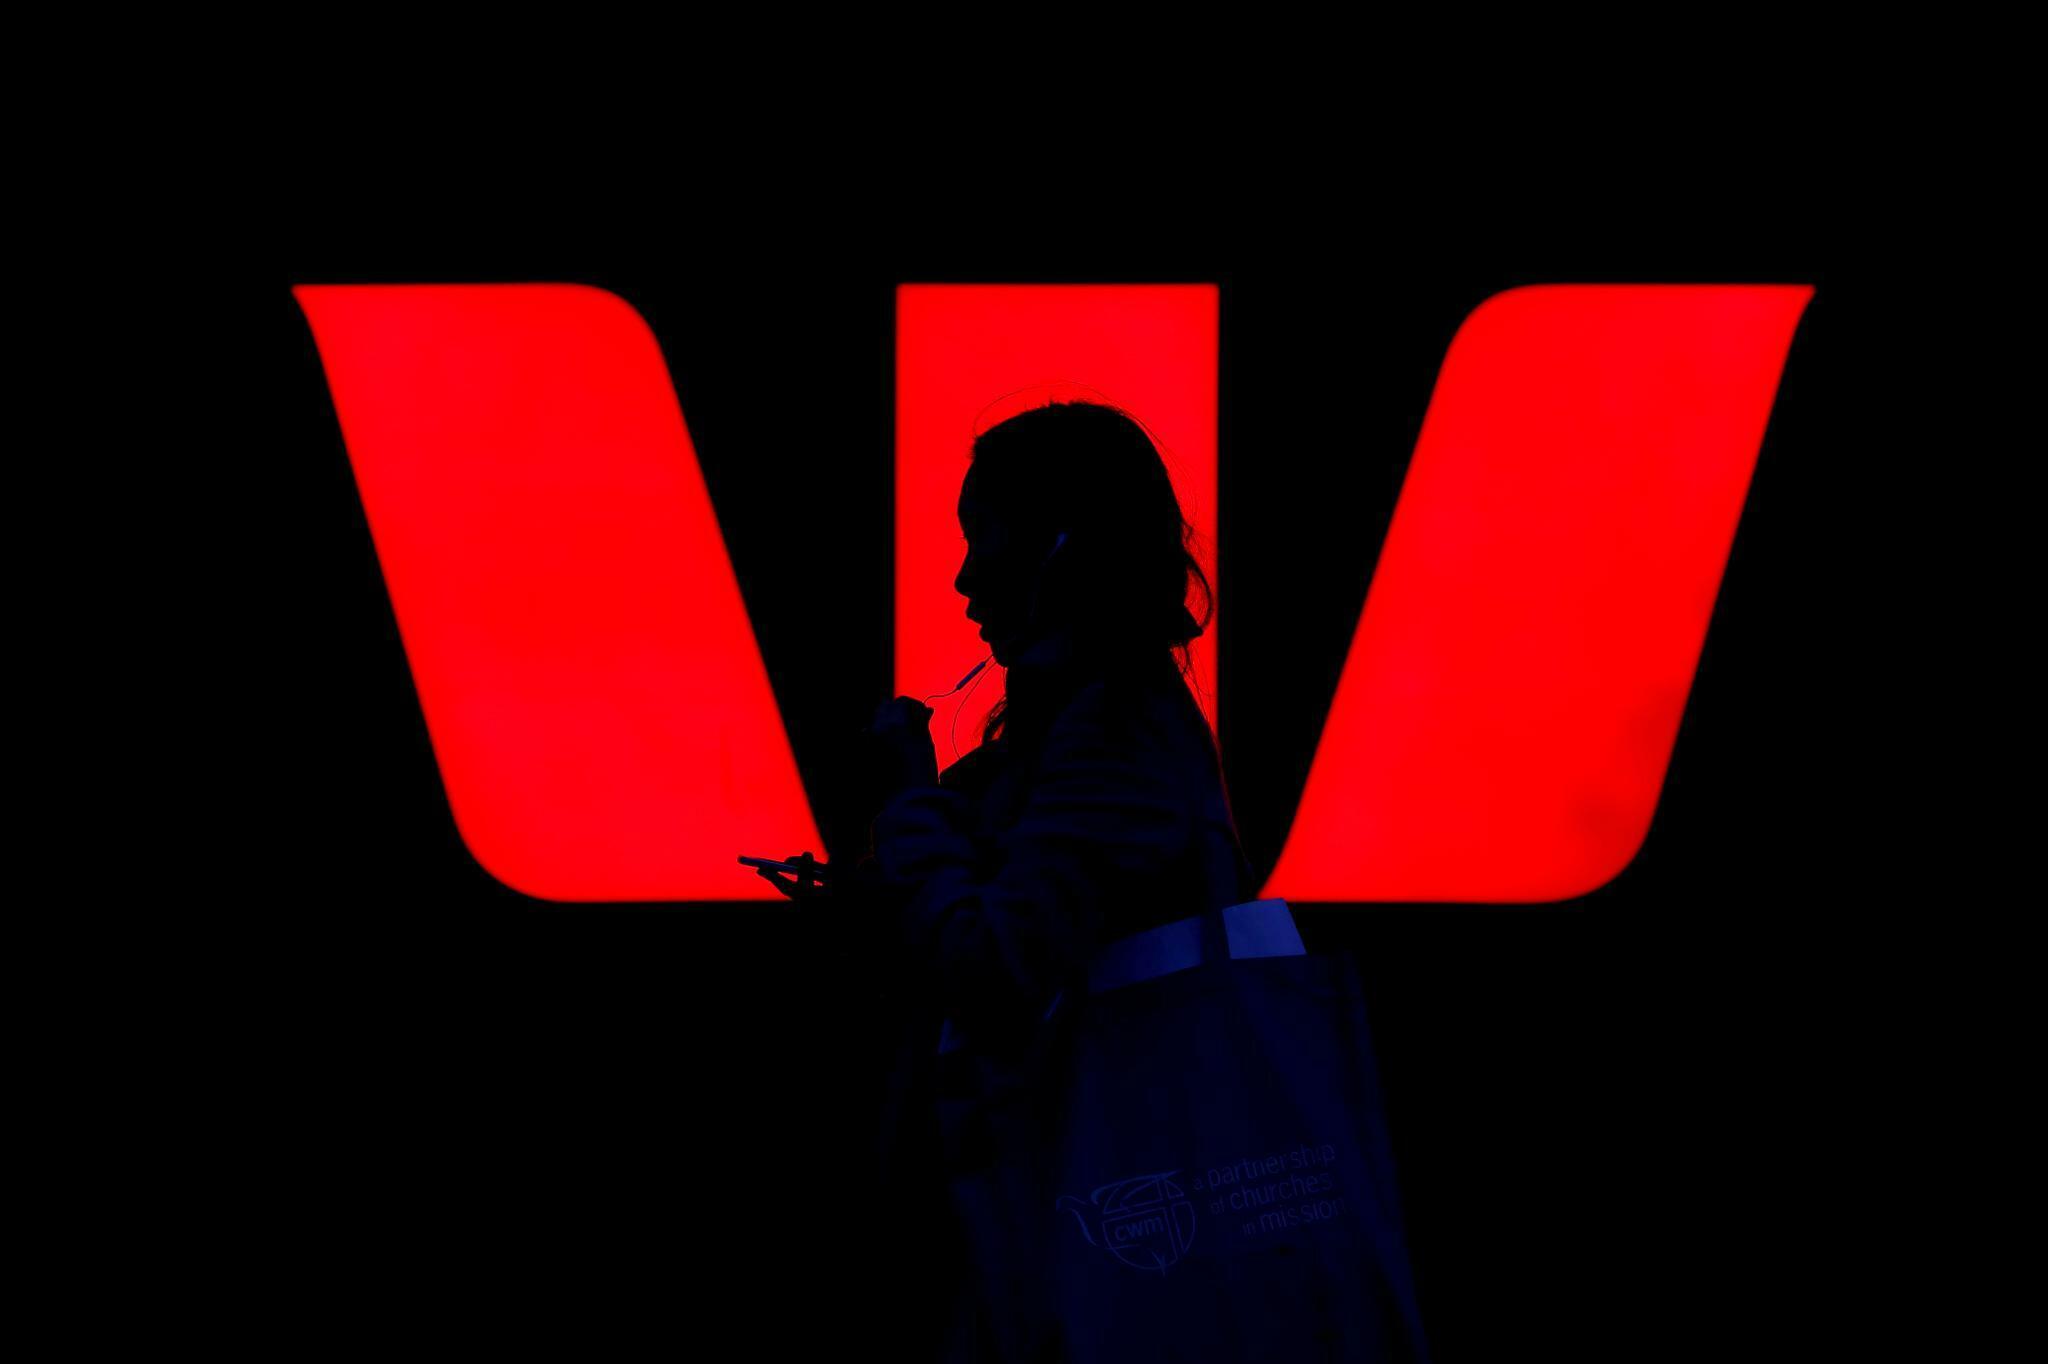 Banken: Anleger verklagen australische Bank Westpac nach Geldwäscheskandal